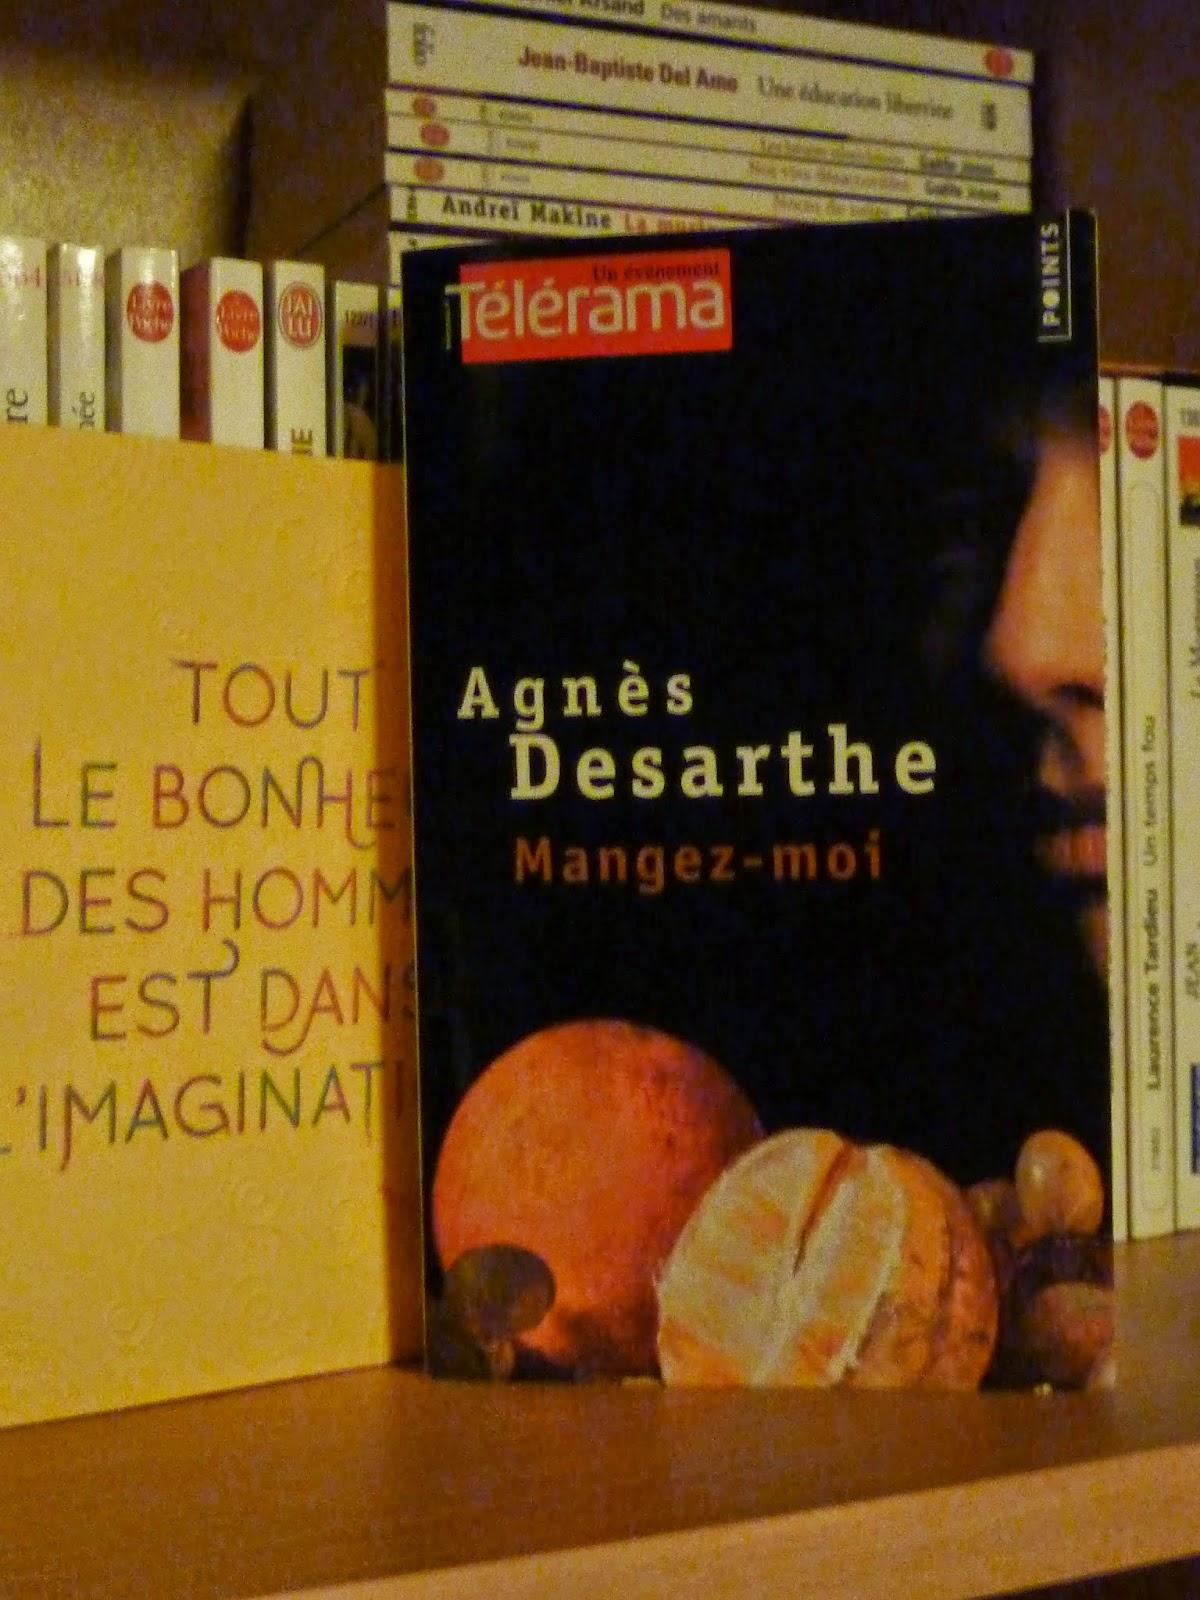 Mangez-moi - Agnès Desarthe